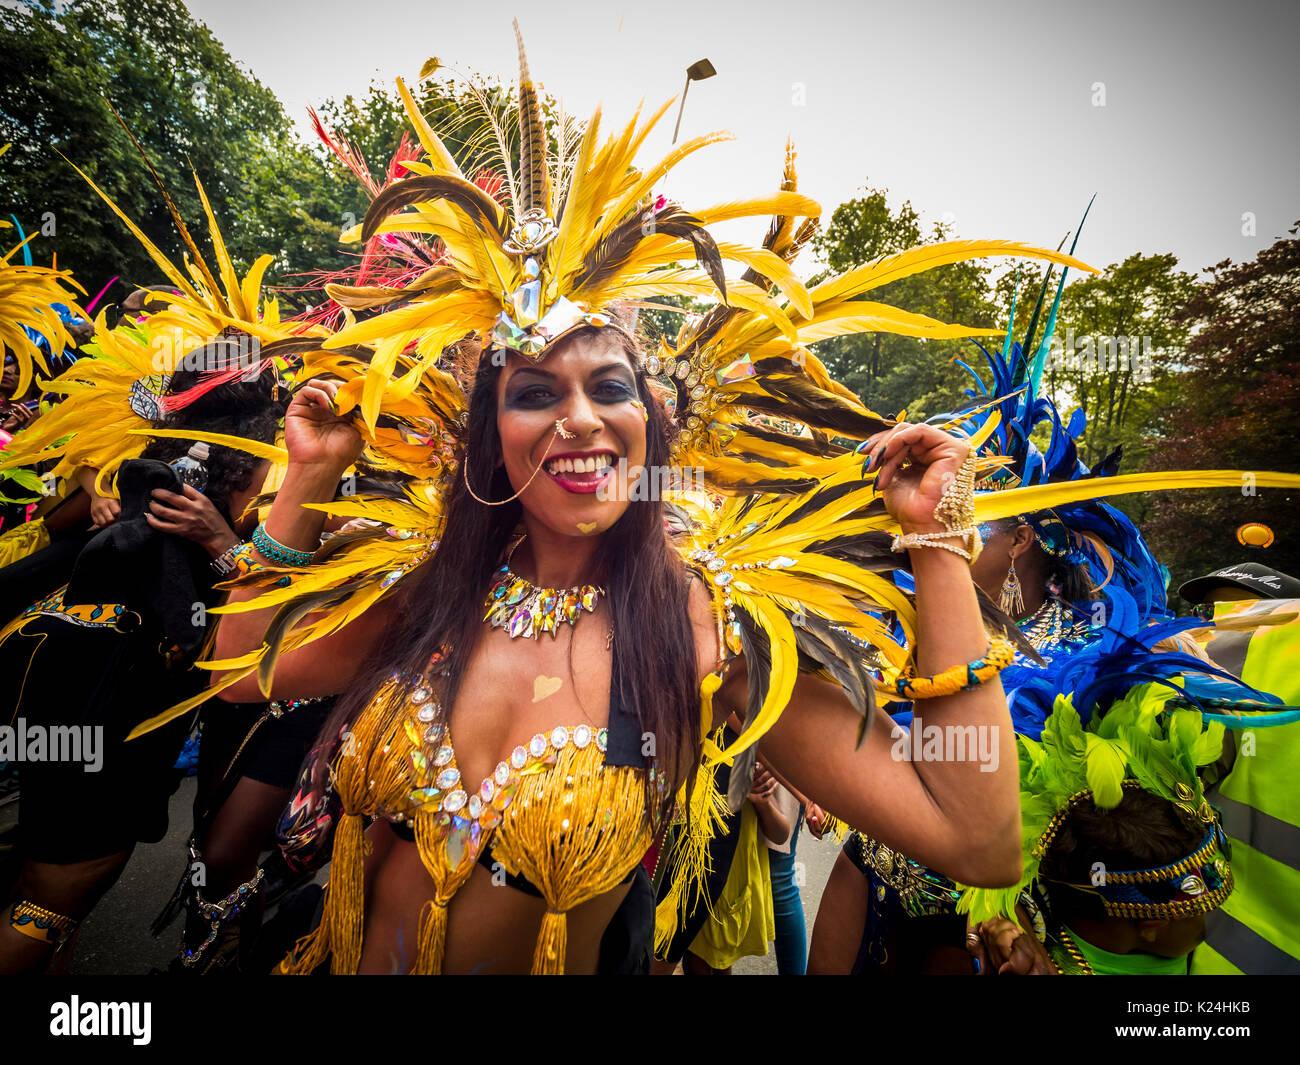 Leeds, Großbritannien. 28 August, 2017. 50 Leeds West Indian Karneval in Potternewton Park. Der Karneval war das erste in Großbritannien, 1967, alle drei wesentliche Elemente eines authentischen indischen Karneval - Kostüme, Musik und einer Maskerade Prozession zu übernehmen - er ist Europas längste laufende Karibischen Karneval Parade. Die Veranstaltung umfasst eine farbenfrohe Prozession durch die Straßen, eine Live Musik Bühne und Street Food und richtet sich an alle Altersgruppen und Kulturen ausgerichtet. Foto Bailey-Cooper Fotografie/Alamy leben Nachrichten Stockbild